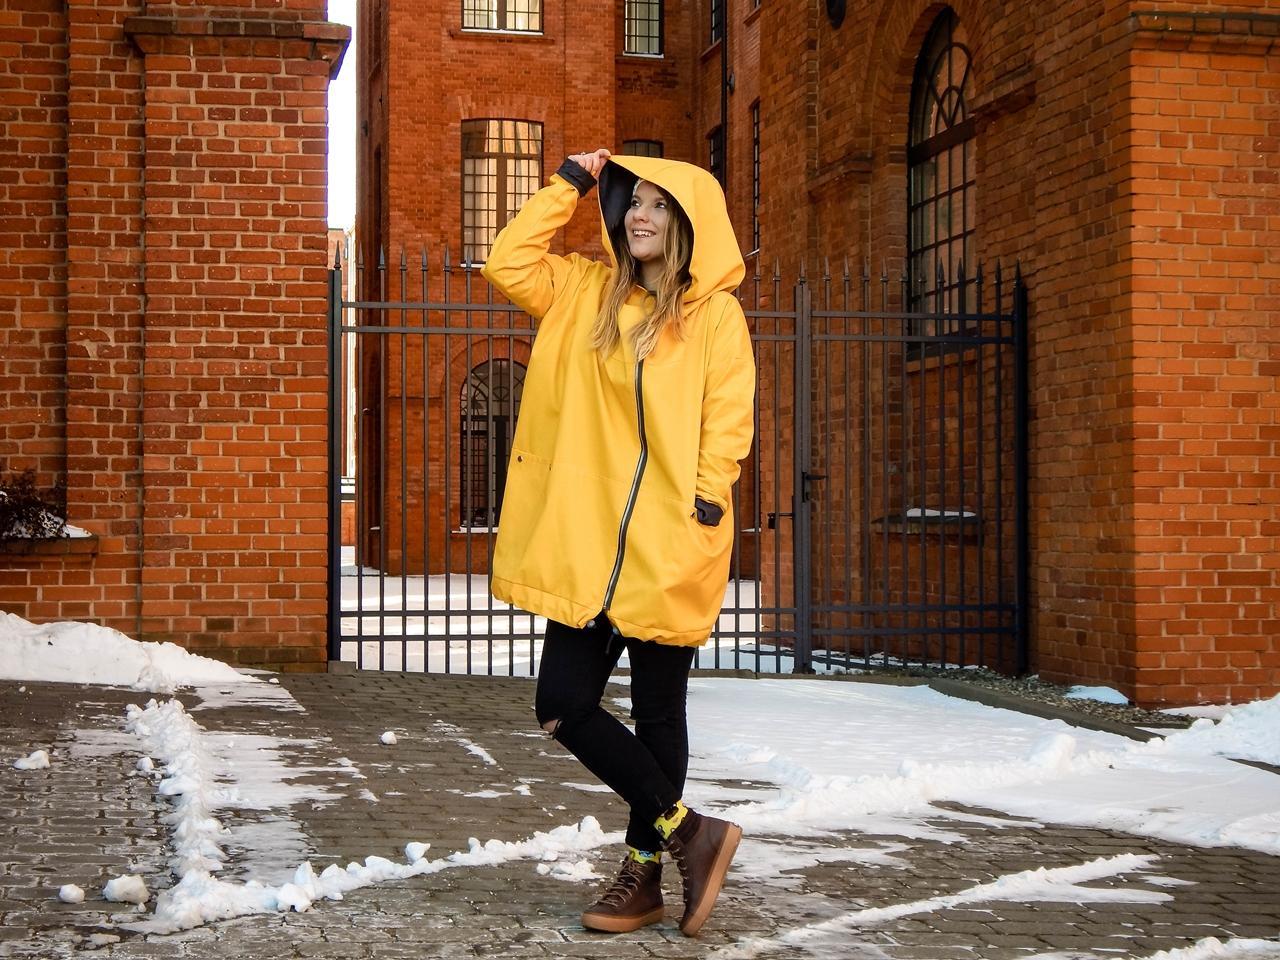 1 agagu clothing casualowy swobodny krój żółty płaszcz sztormiak kurtka na wiosnę streetstyle polski łódź moda polskie marki modowe outfit wiosna spring oversize płaszcz kurtka żółty musztardowy